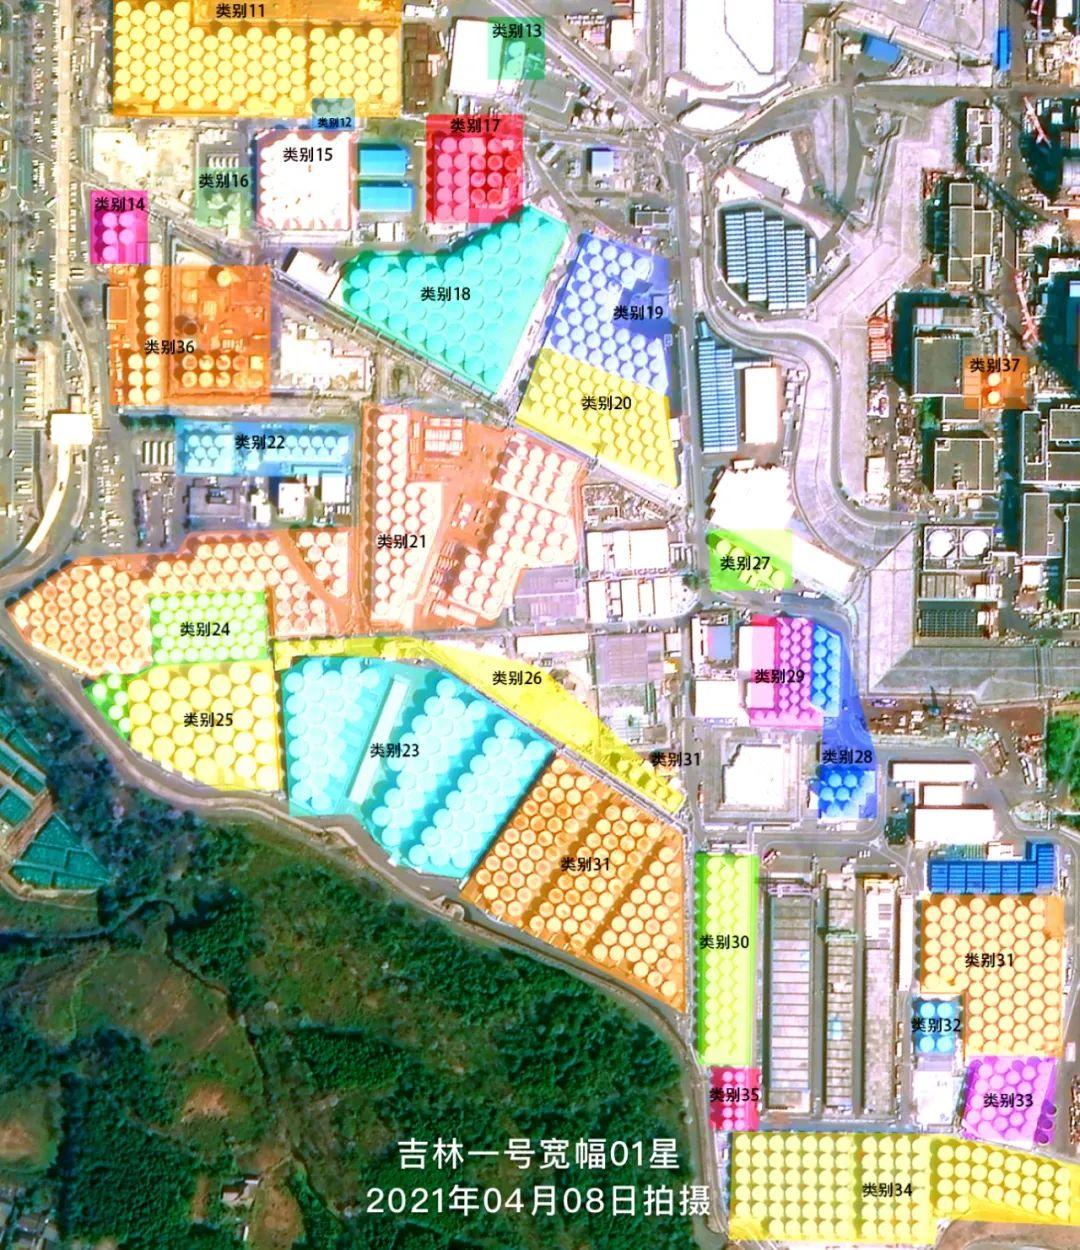 图:日本福岛第一核电站储存罐类别示意图